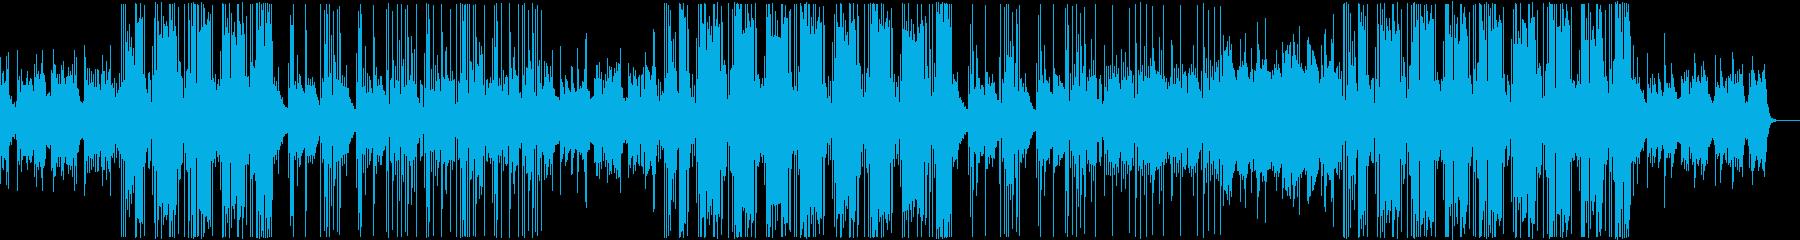 チャッチーな洋楽R&Bビートの再生済みの波形